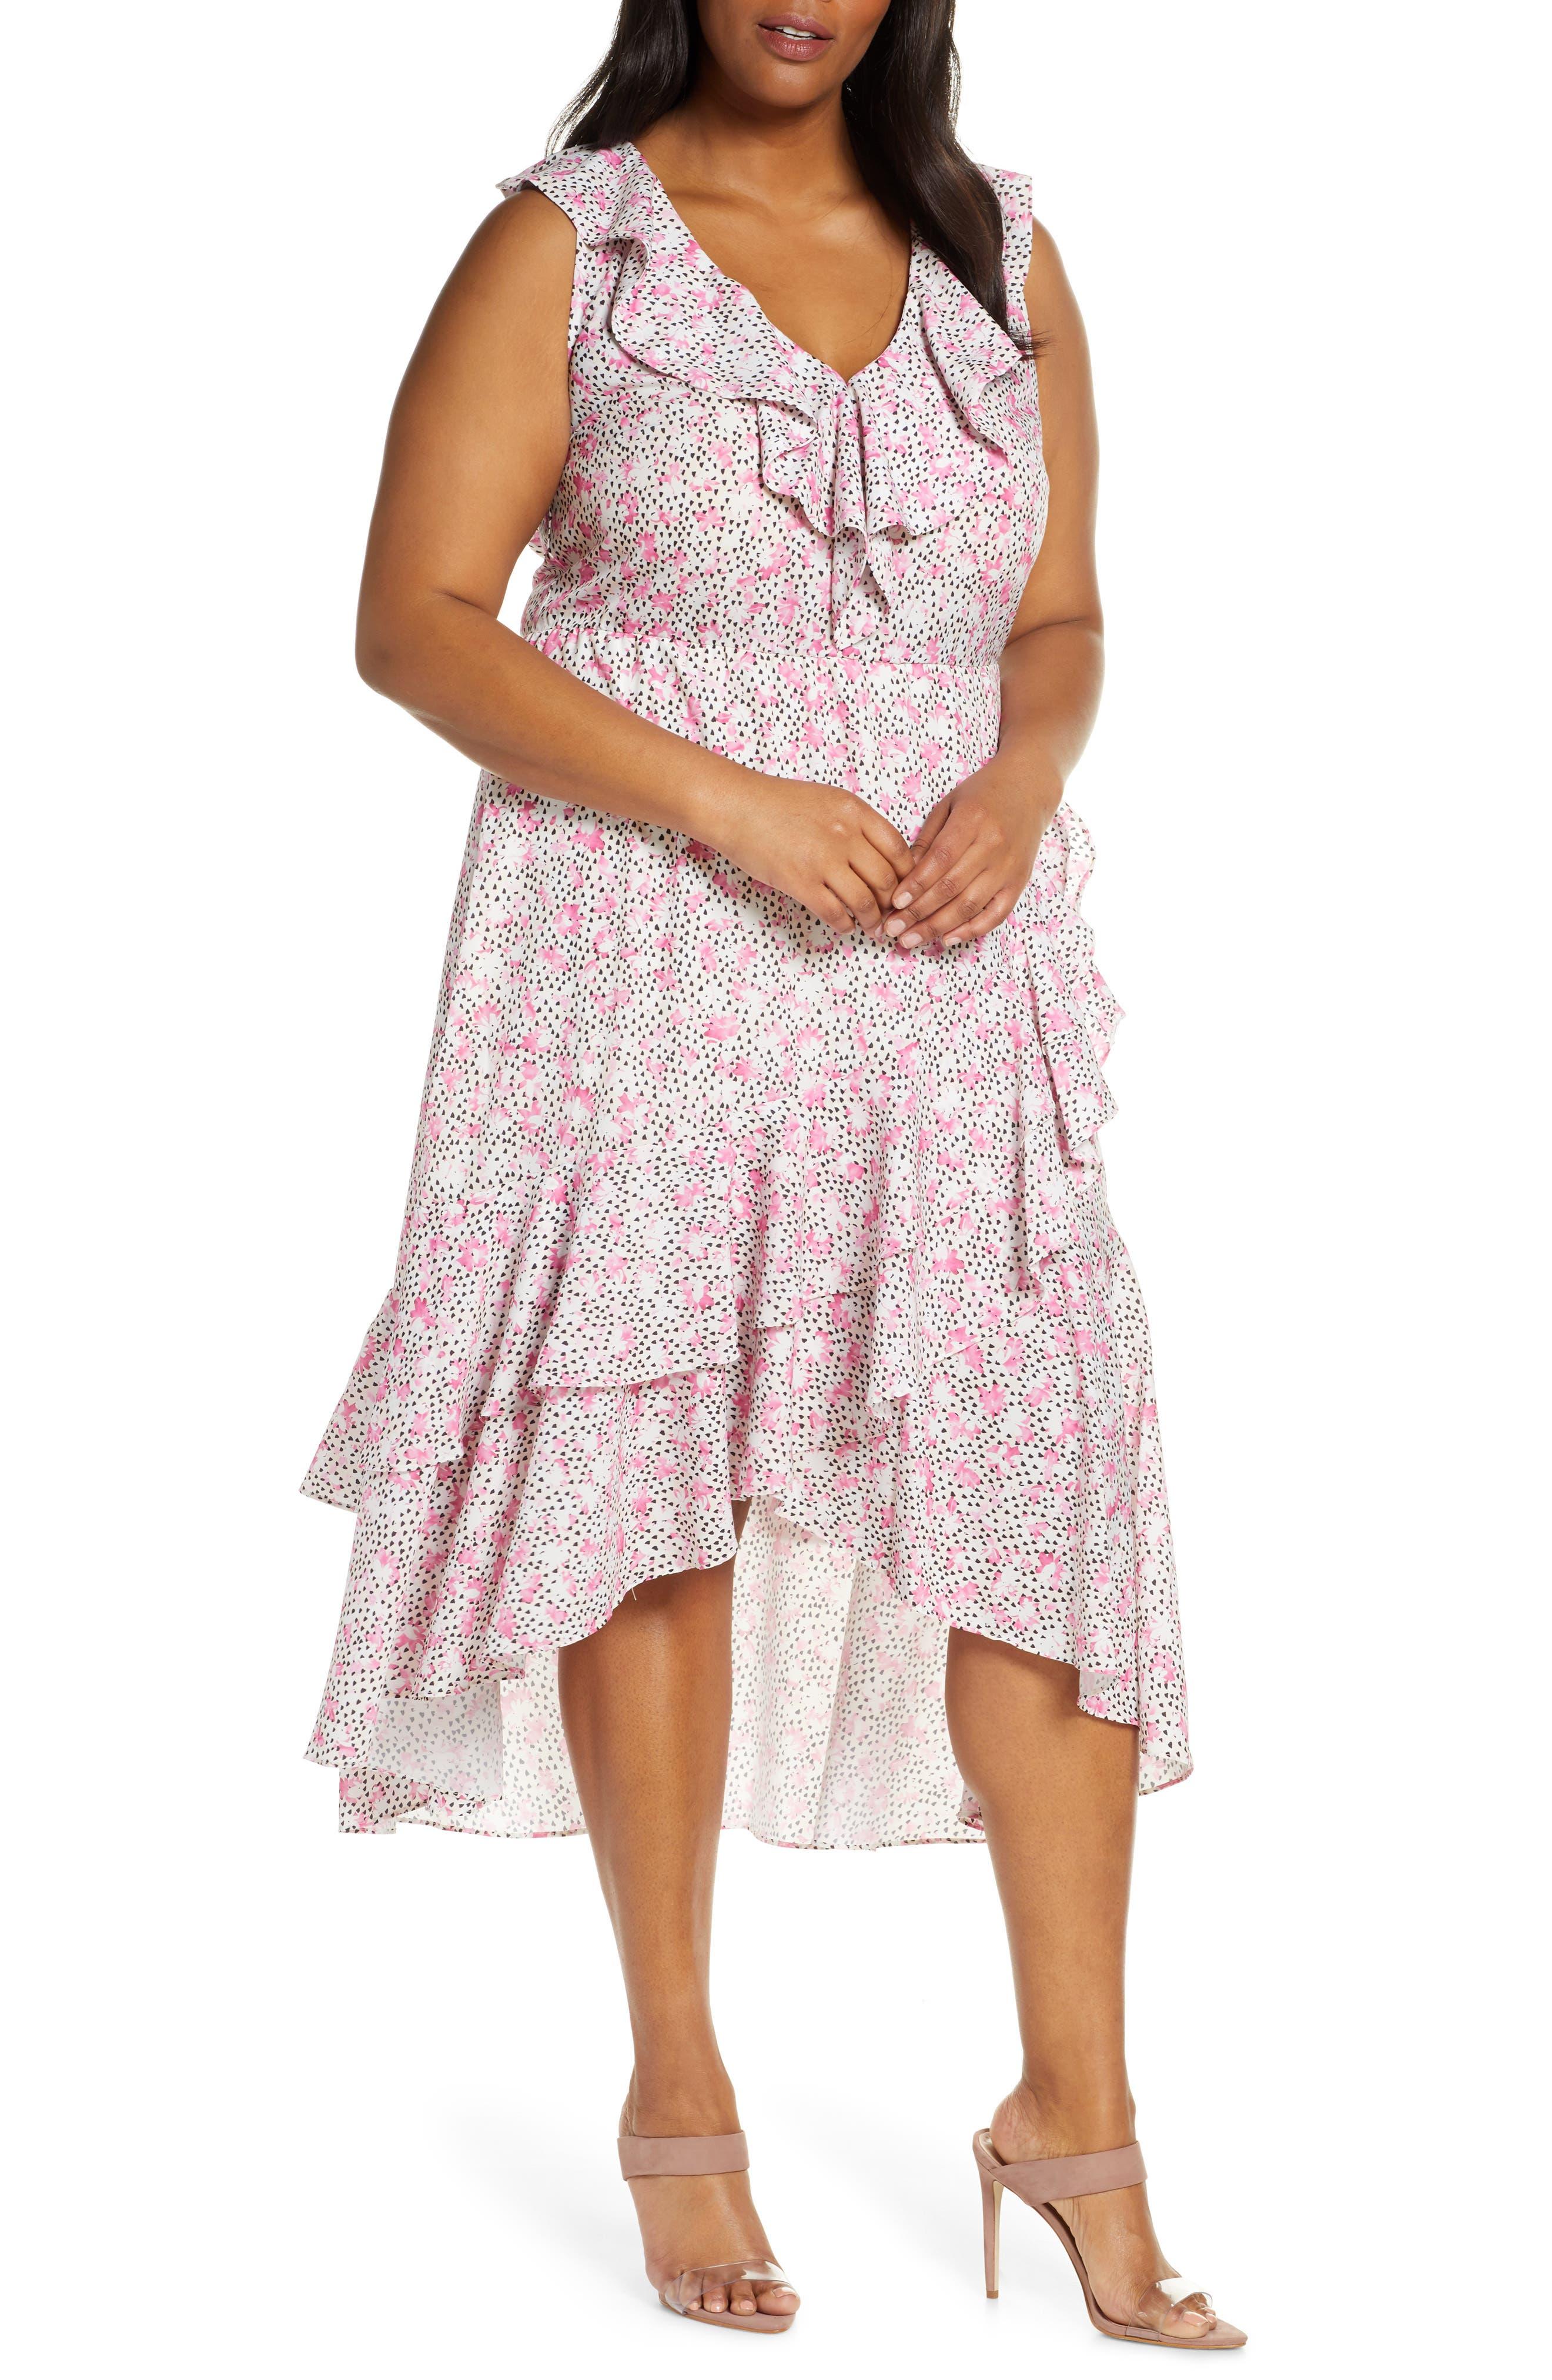 1930s Art Deco Plus Size Dresses | Tea Dresses, Party Dresses Plus Size Womens Eloquii Ruffle Detail High Low Dress $114.95 AT vintagedancer.com